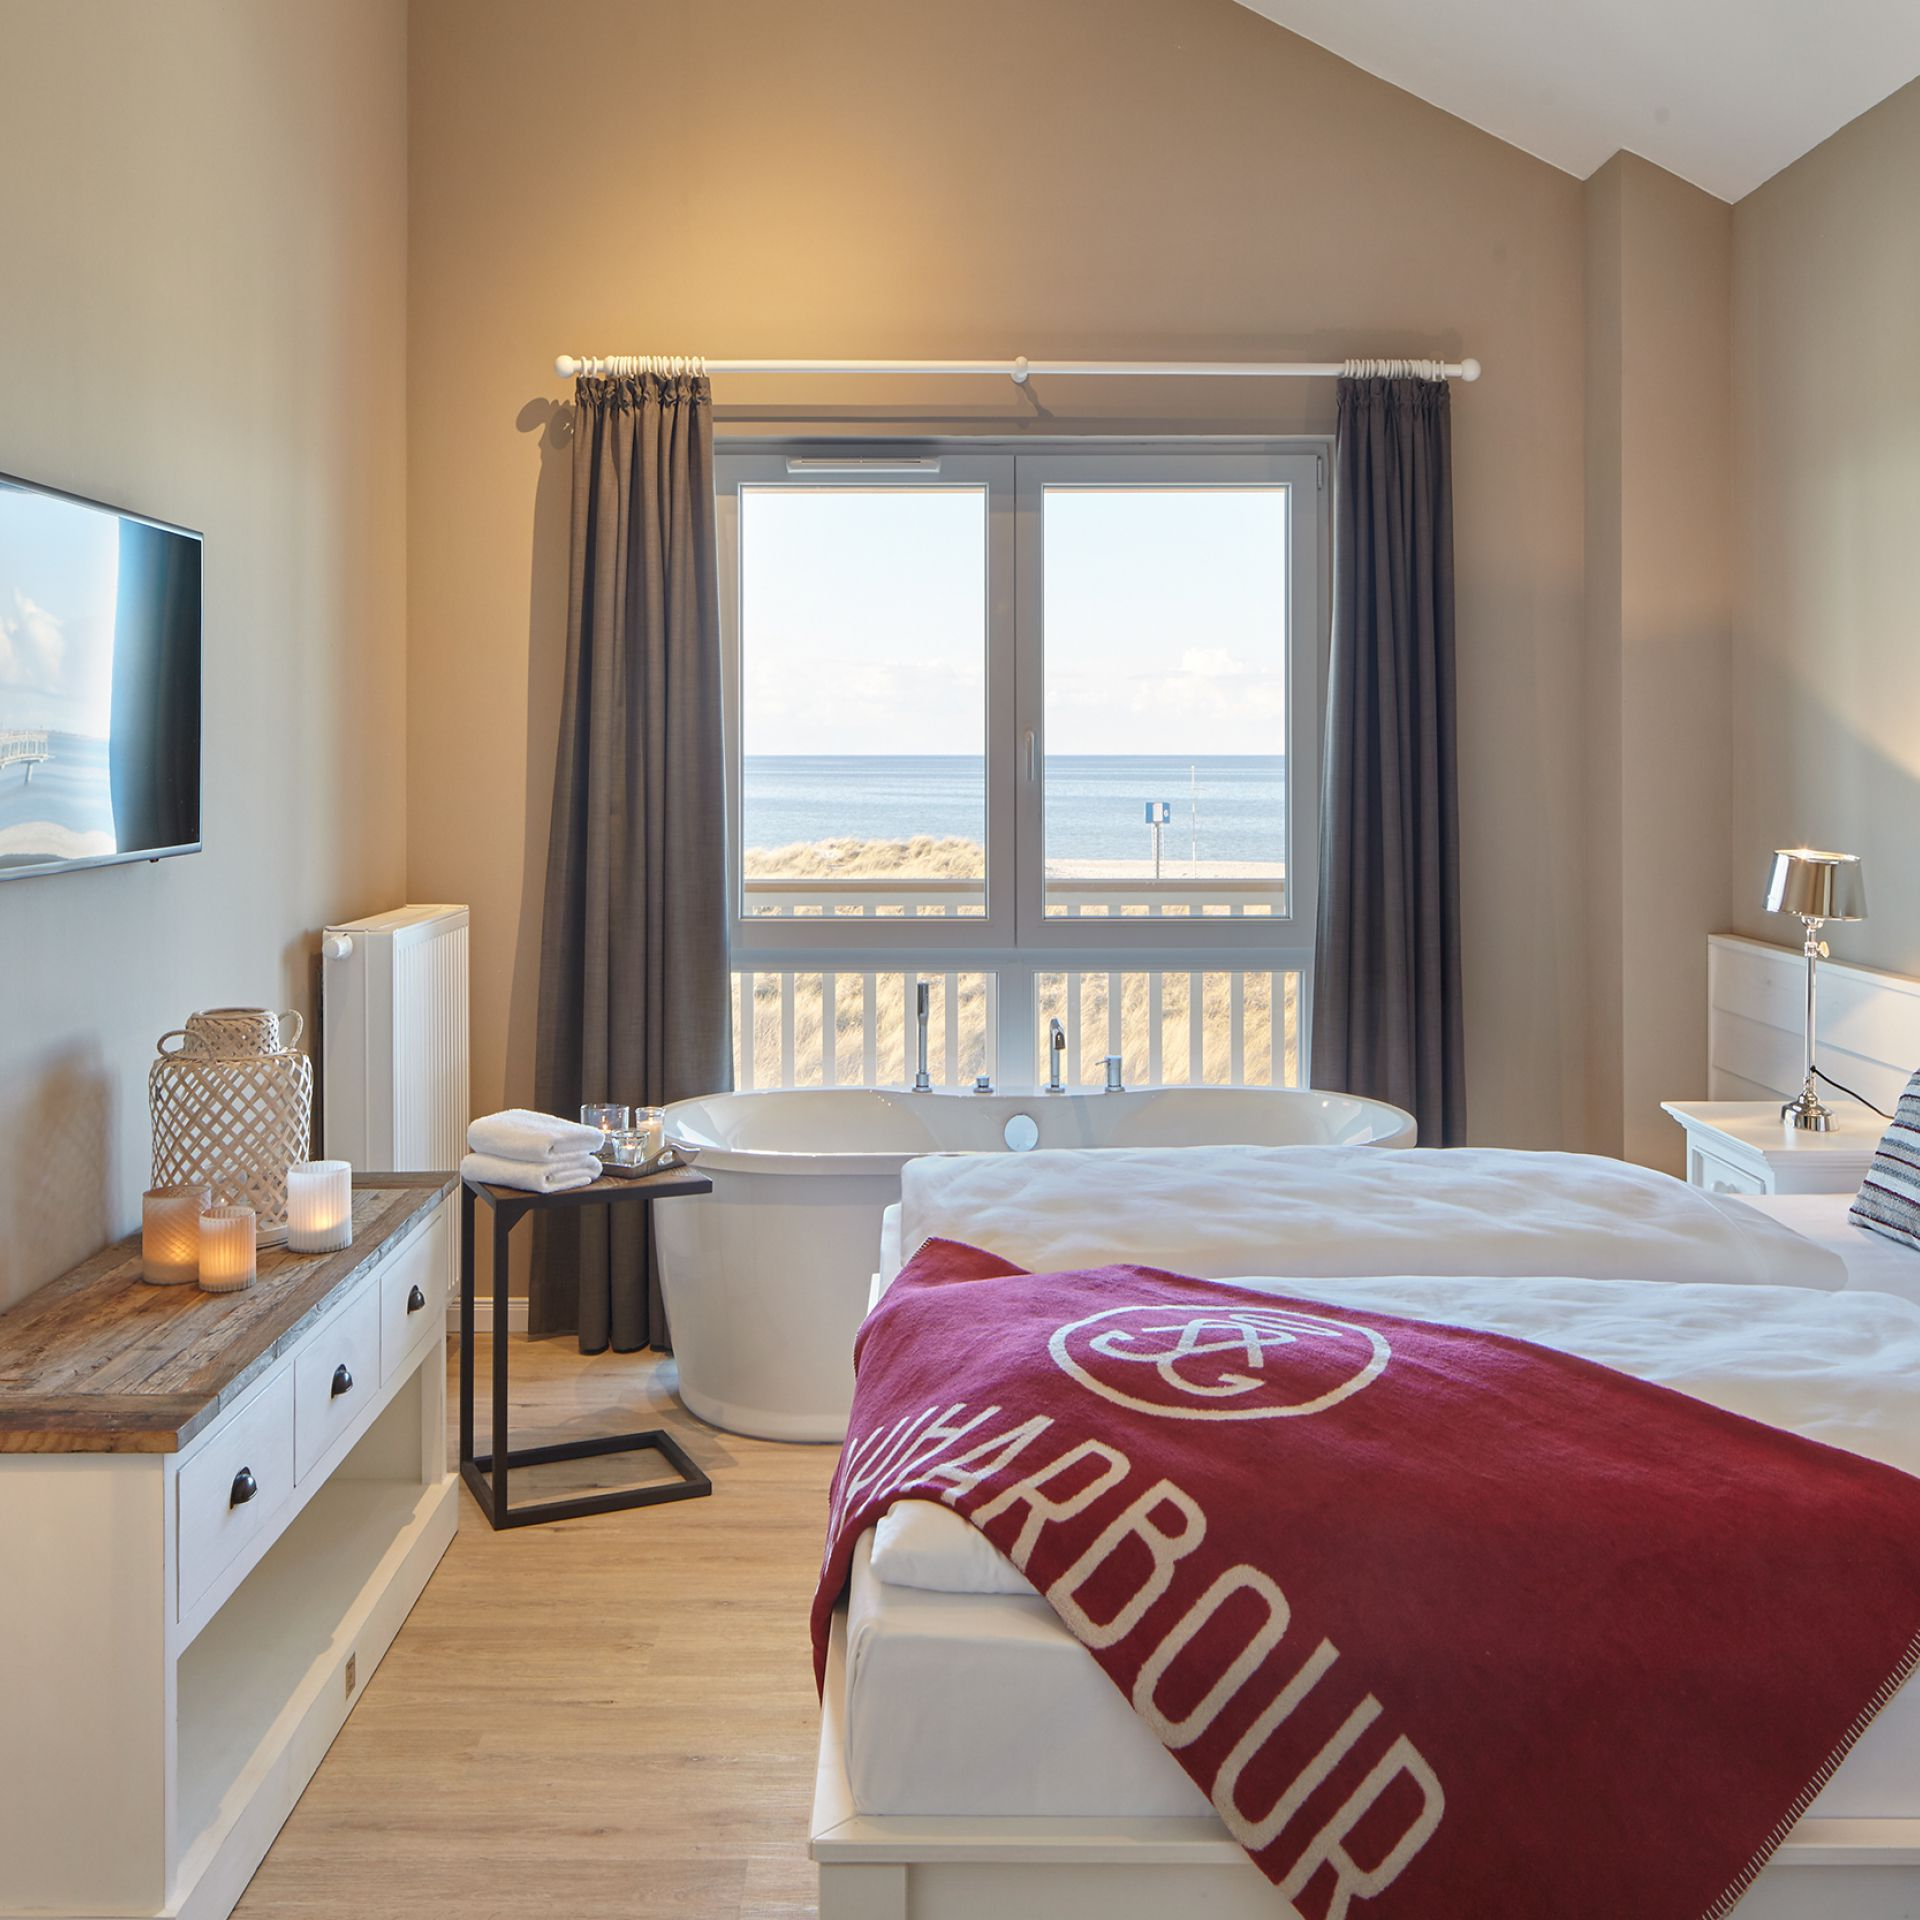 freistehende badewanne schlafzimmer, ocean l mit freistehender badewanne - beach motel heiligenhafen, Design ideen